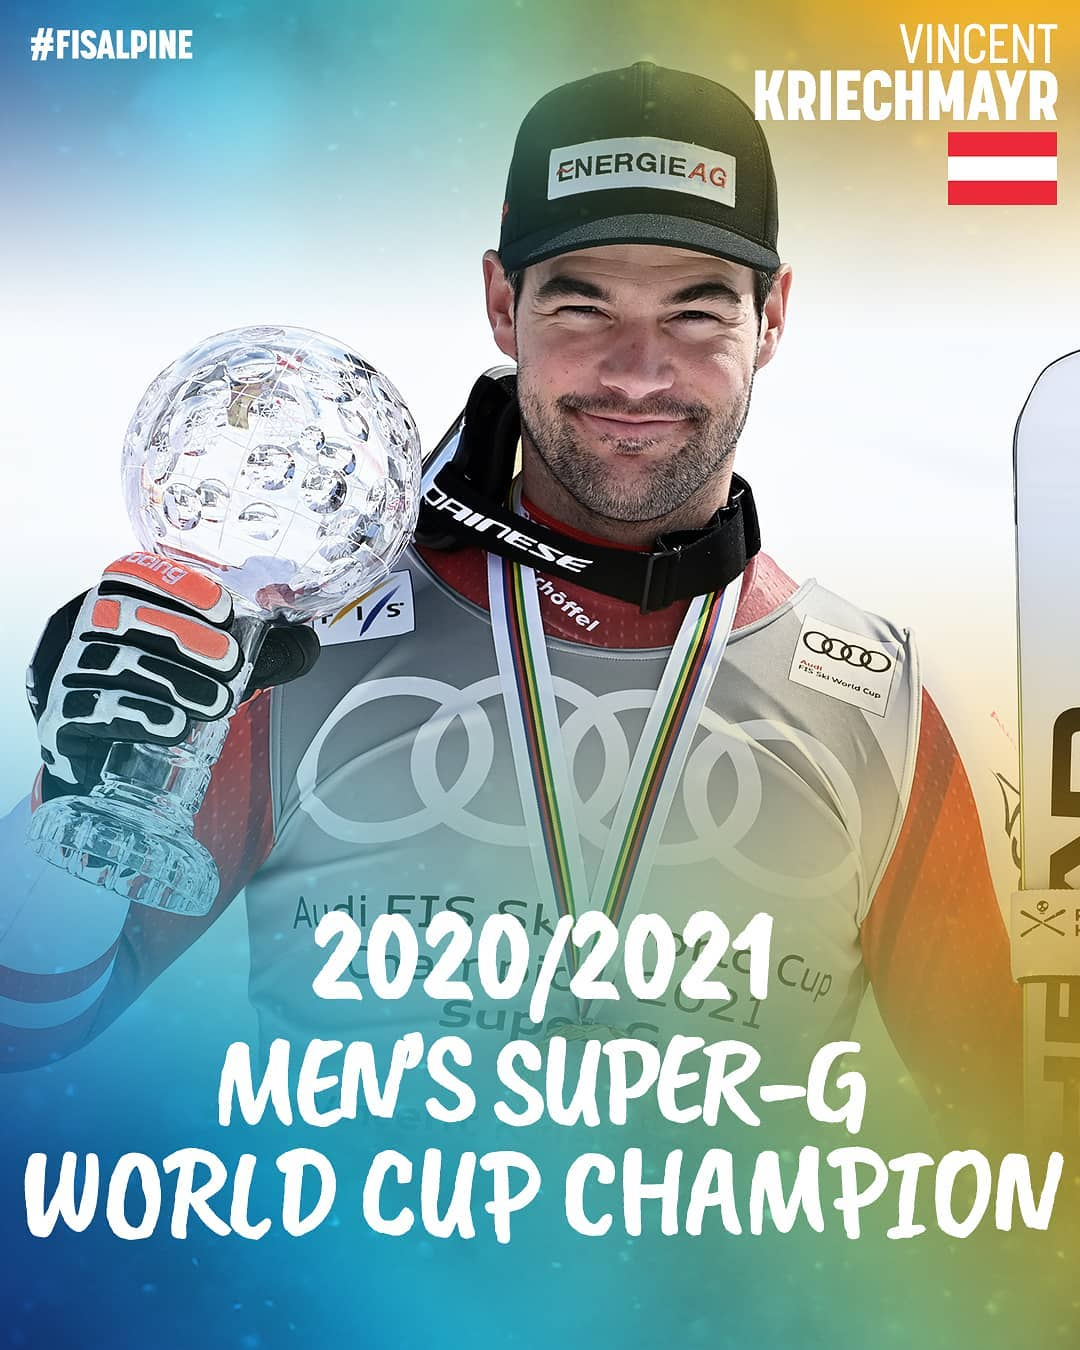 World Cup vindere i Super G og Styrtløb kåret